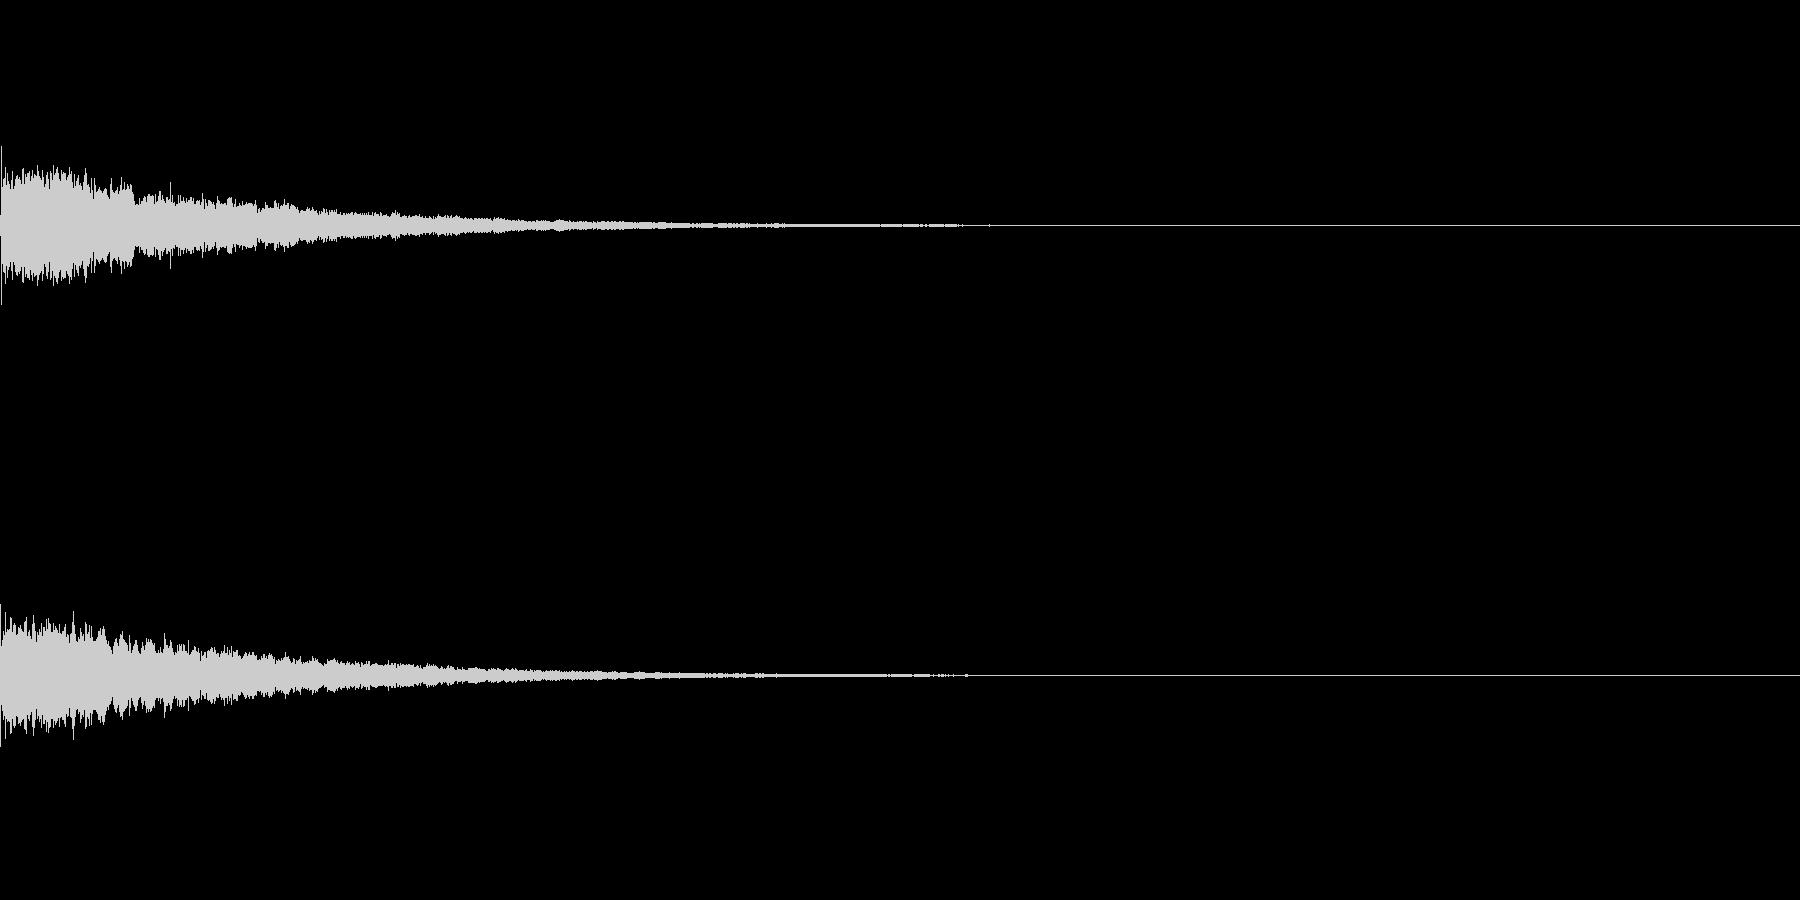 かわいい系 キラキラ系 光る音02の未再生の波形